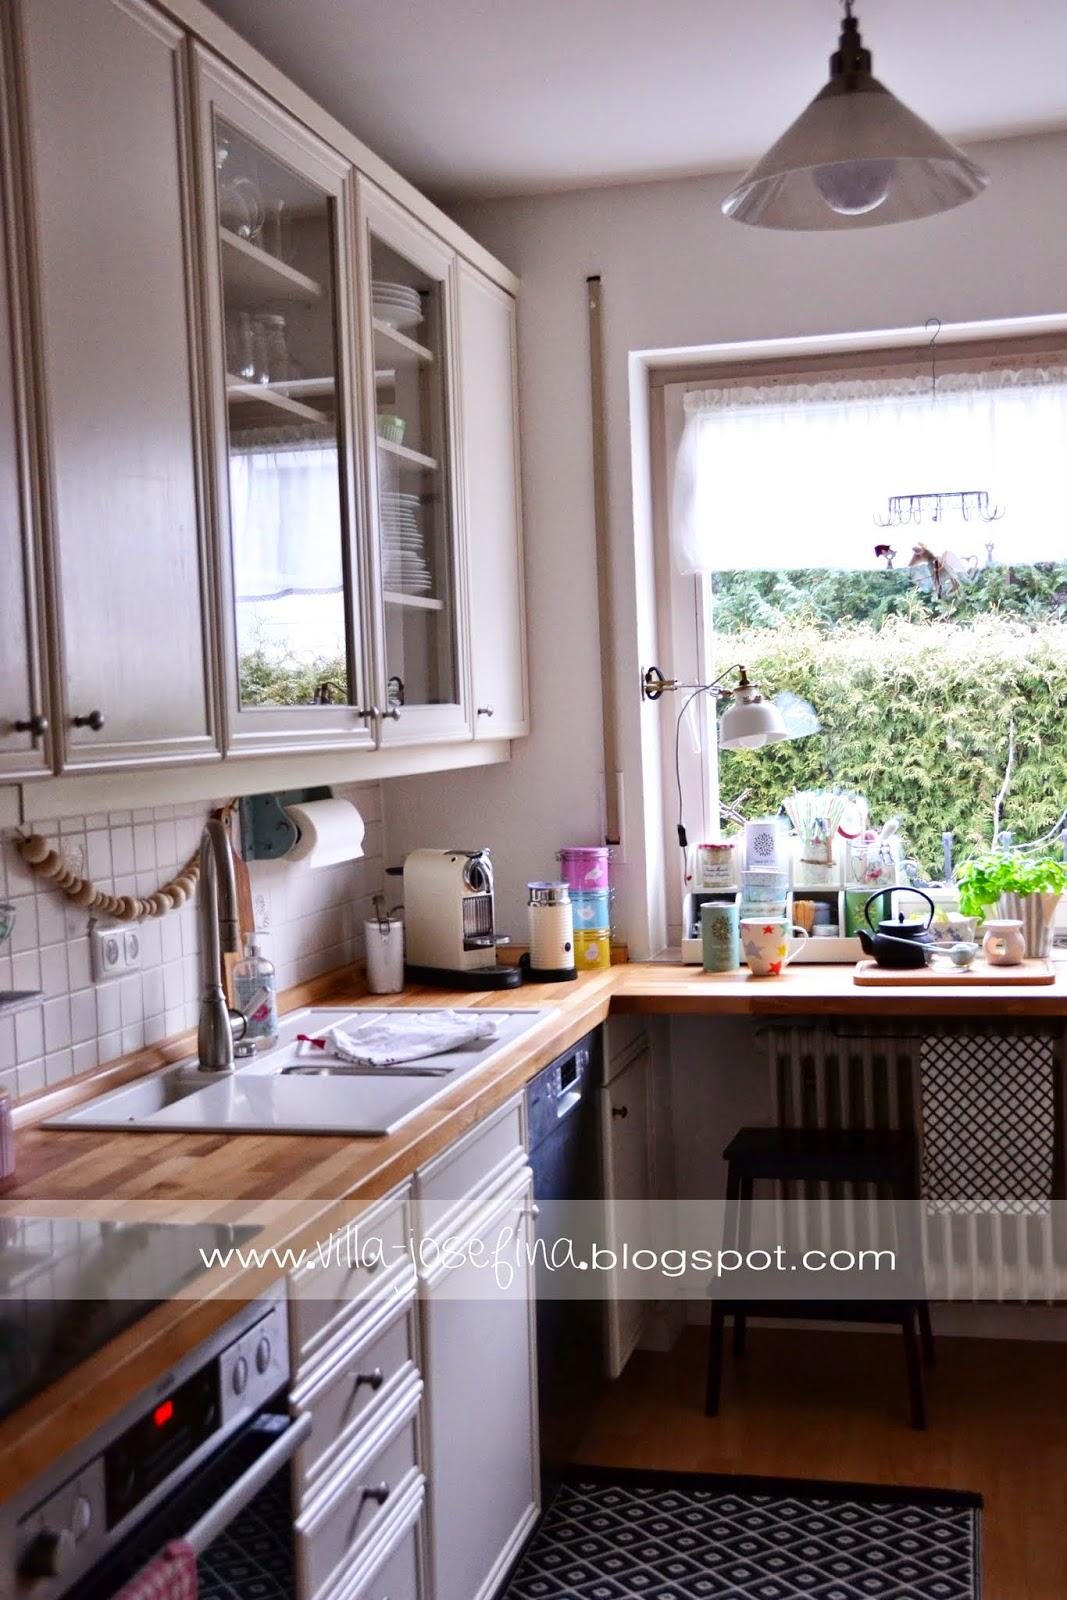 Schöner Wohnen Küchen | Schöner Wohnen Sessel Patchwork Sessel ...